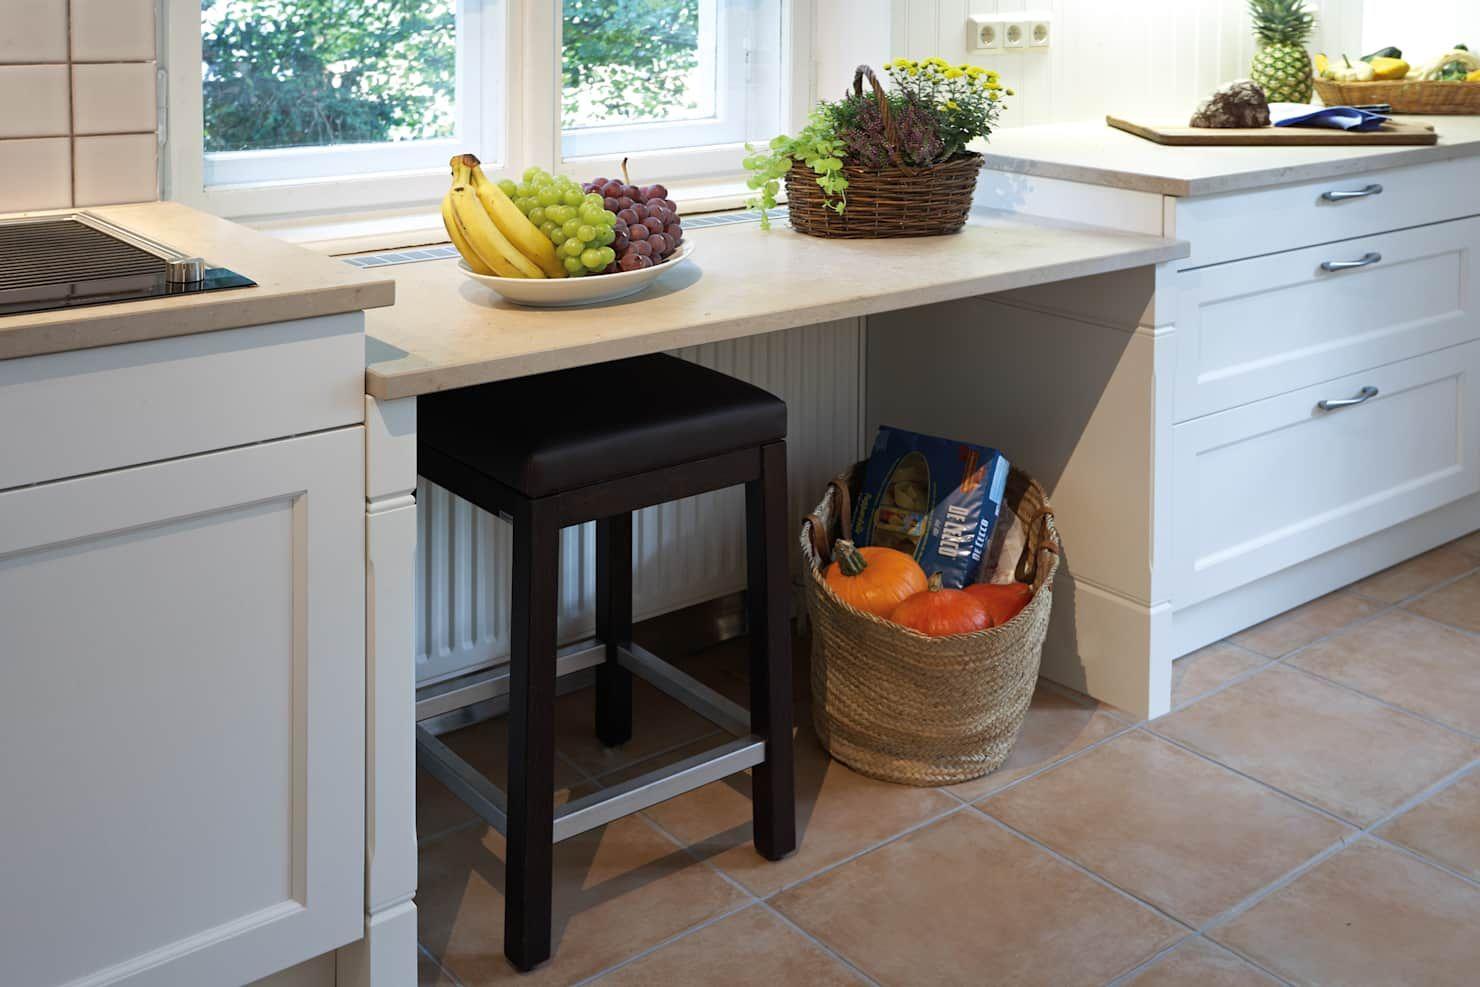 Full Size of Abgesenkte Arbeitsflche Unter Dem Fenster Von Kchen Quelle Küchen Regal Wohnzimmer Küchen Quelle